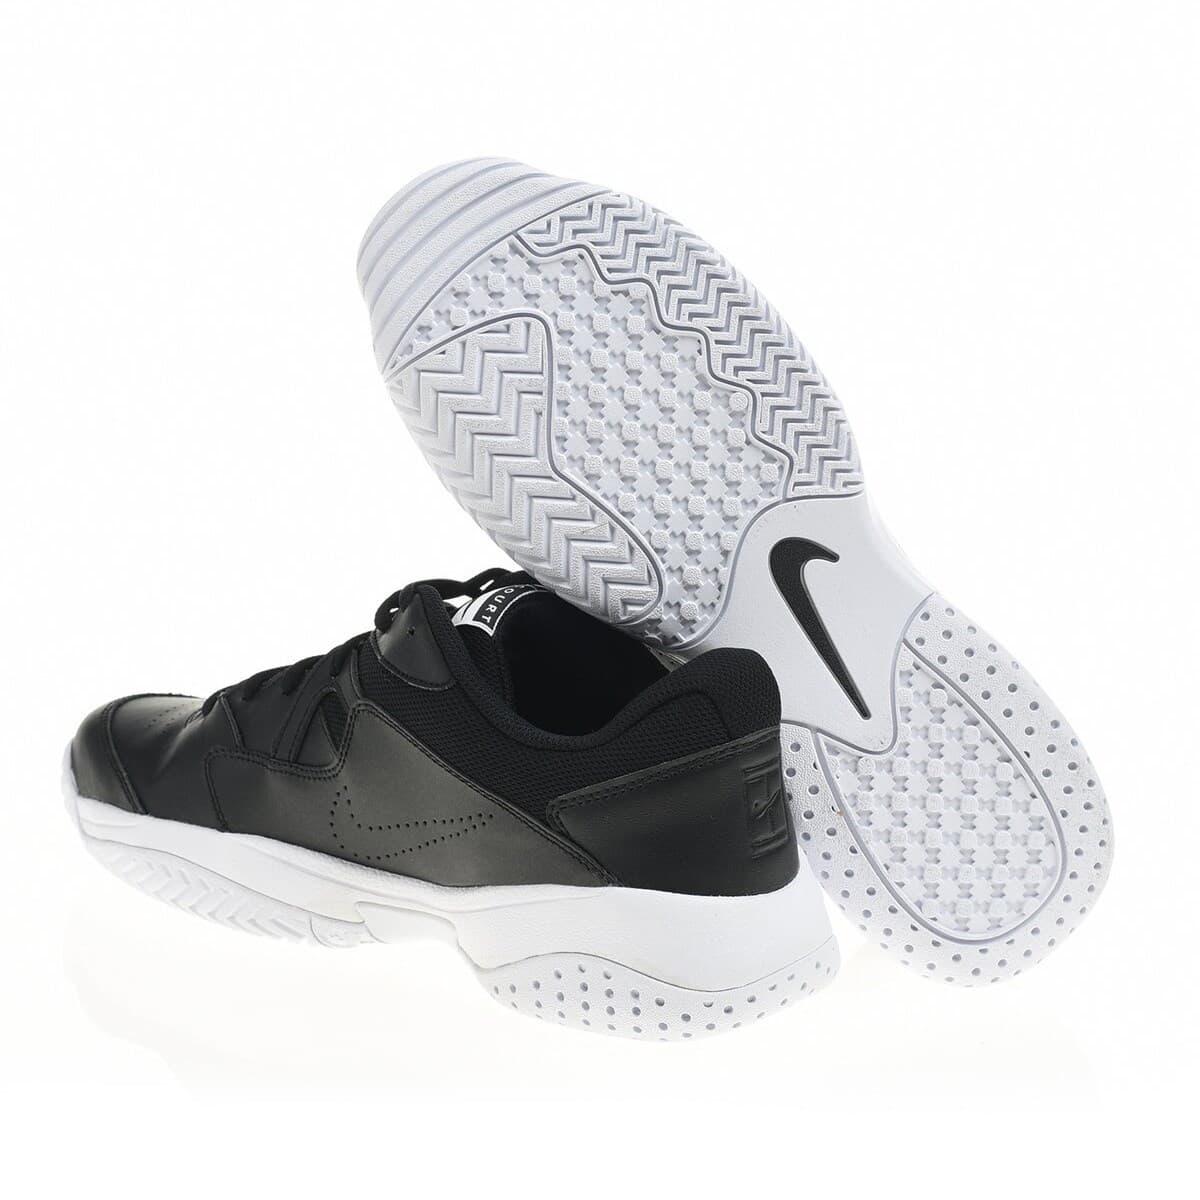 Court Lite 2 Erkek Siyah Tenis Ayakkabısı